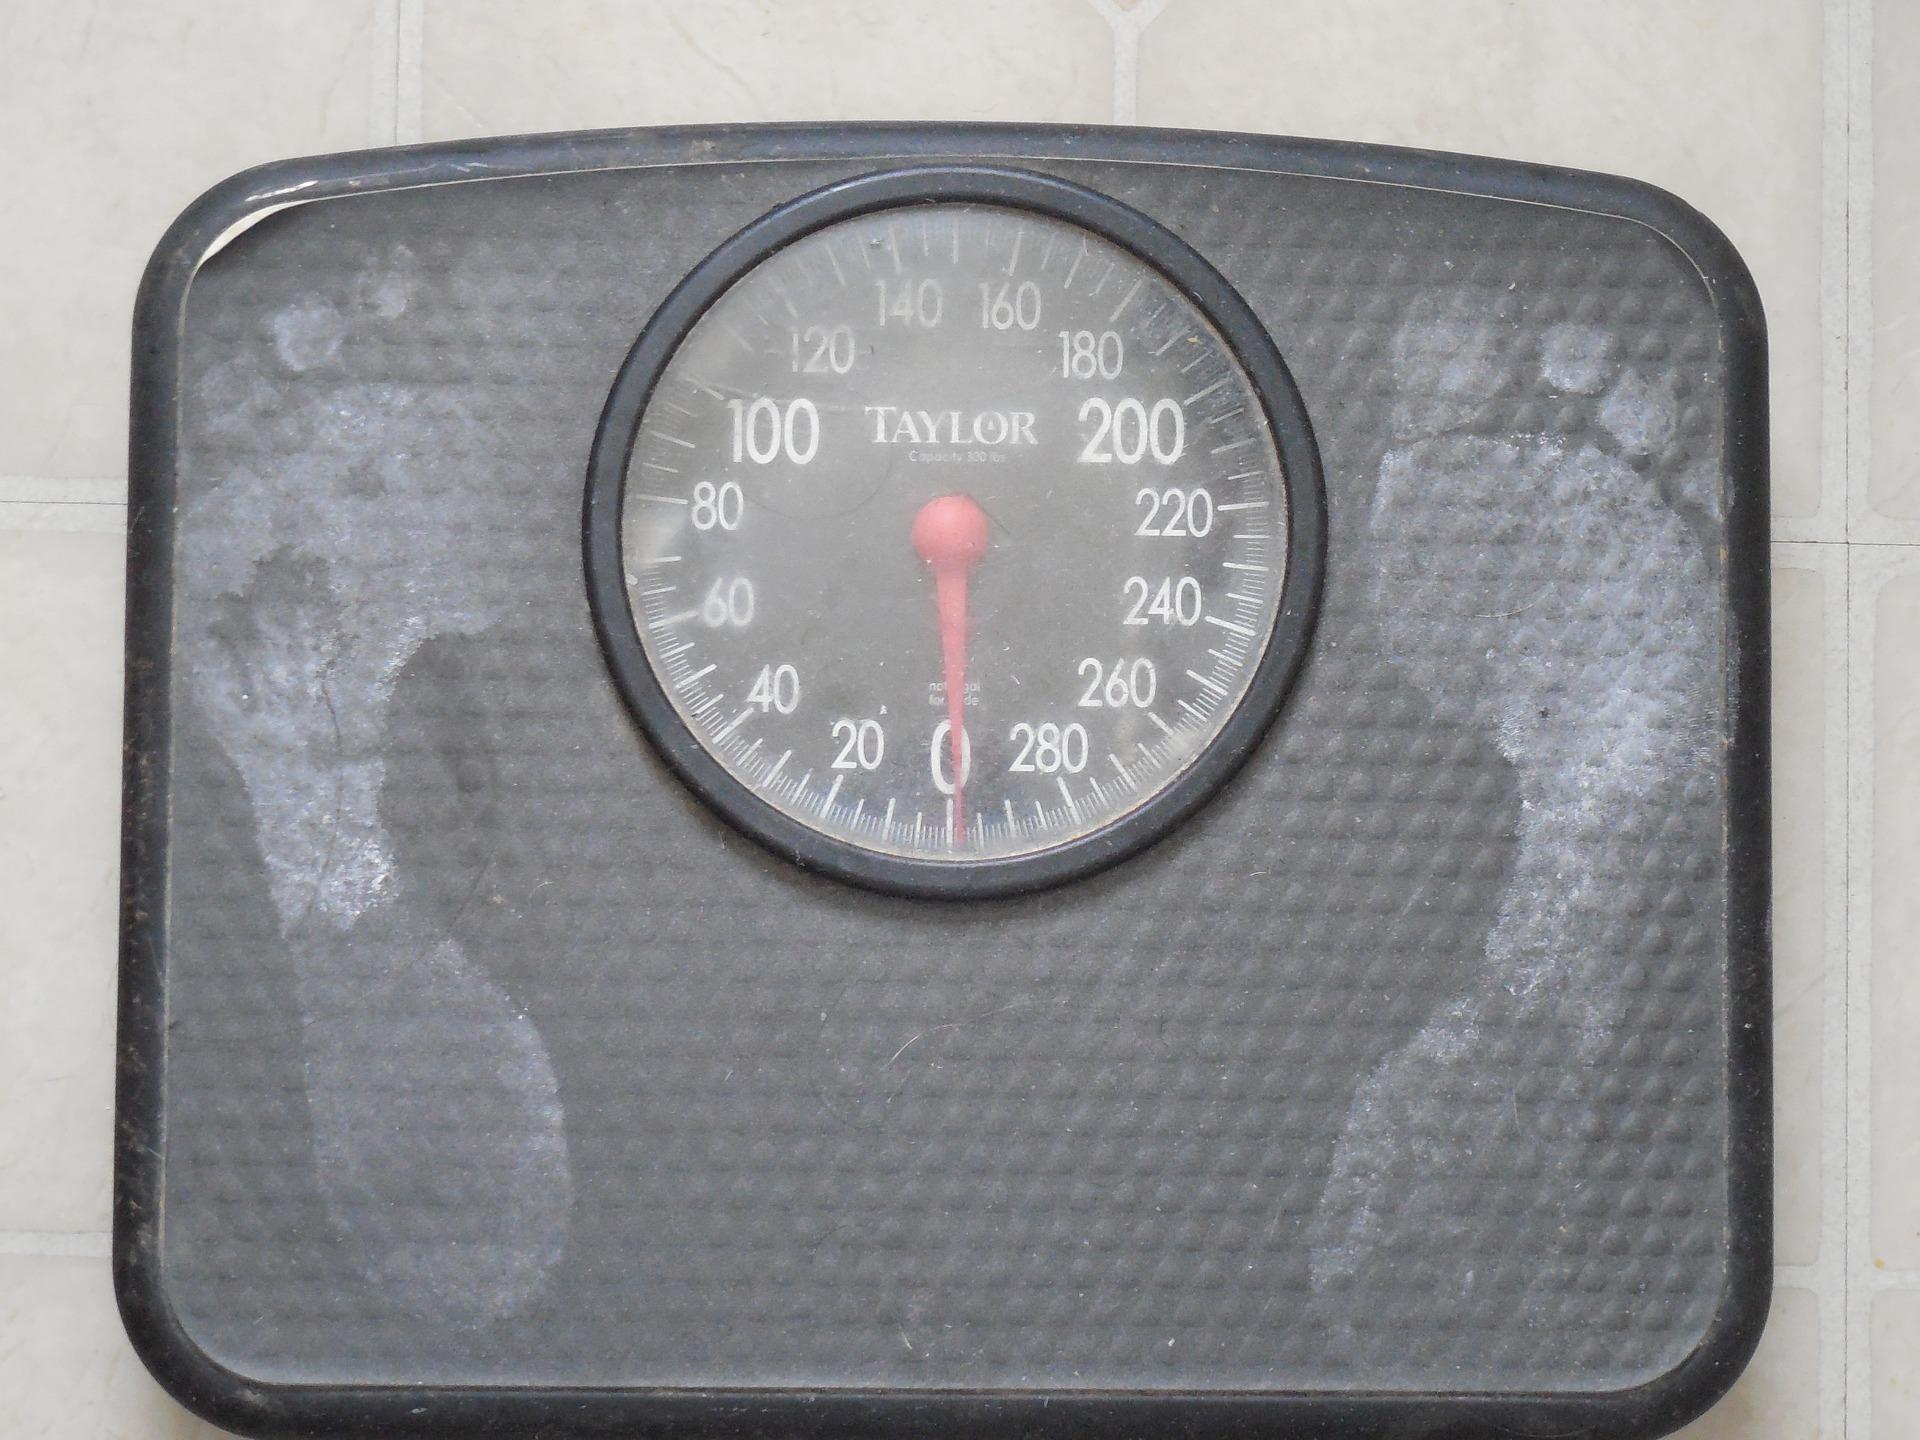 8.減重 體重突然下降太快的話,會讓大腦承受太大壓力 影響卵巢停止分泌荷爾蒙